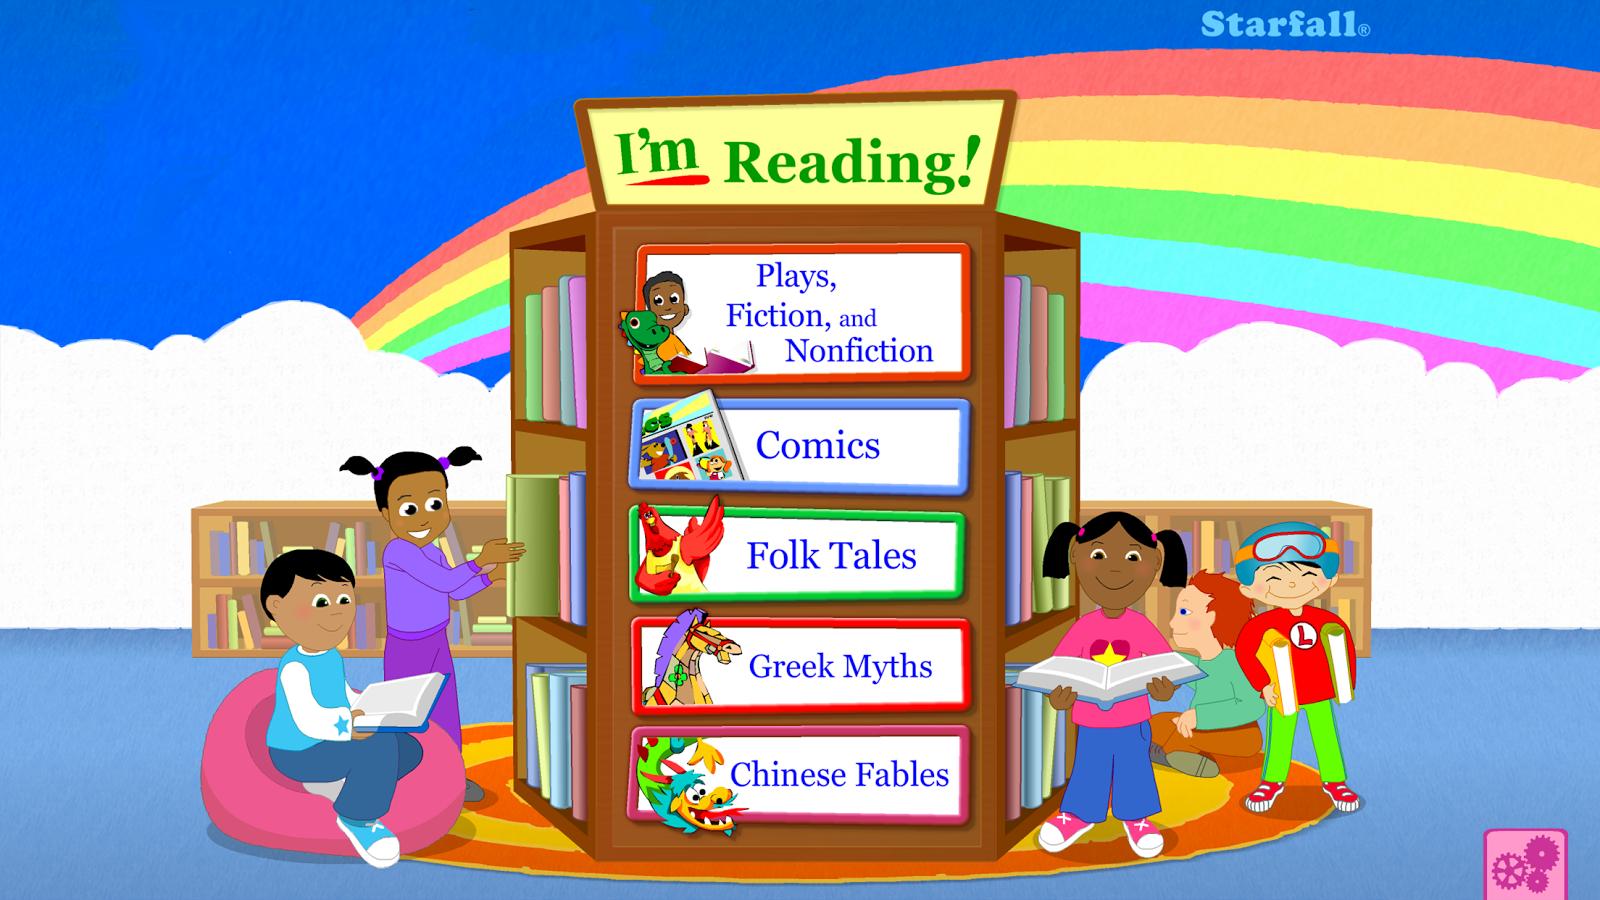 starfall im reading screenshot